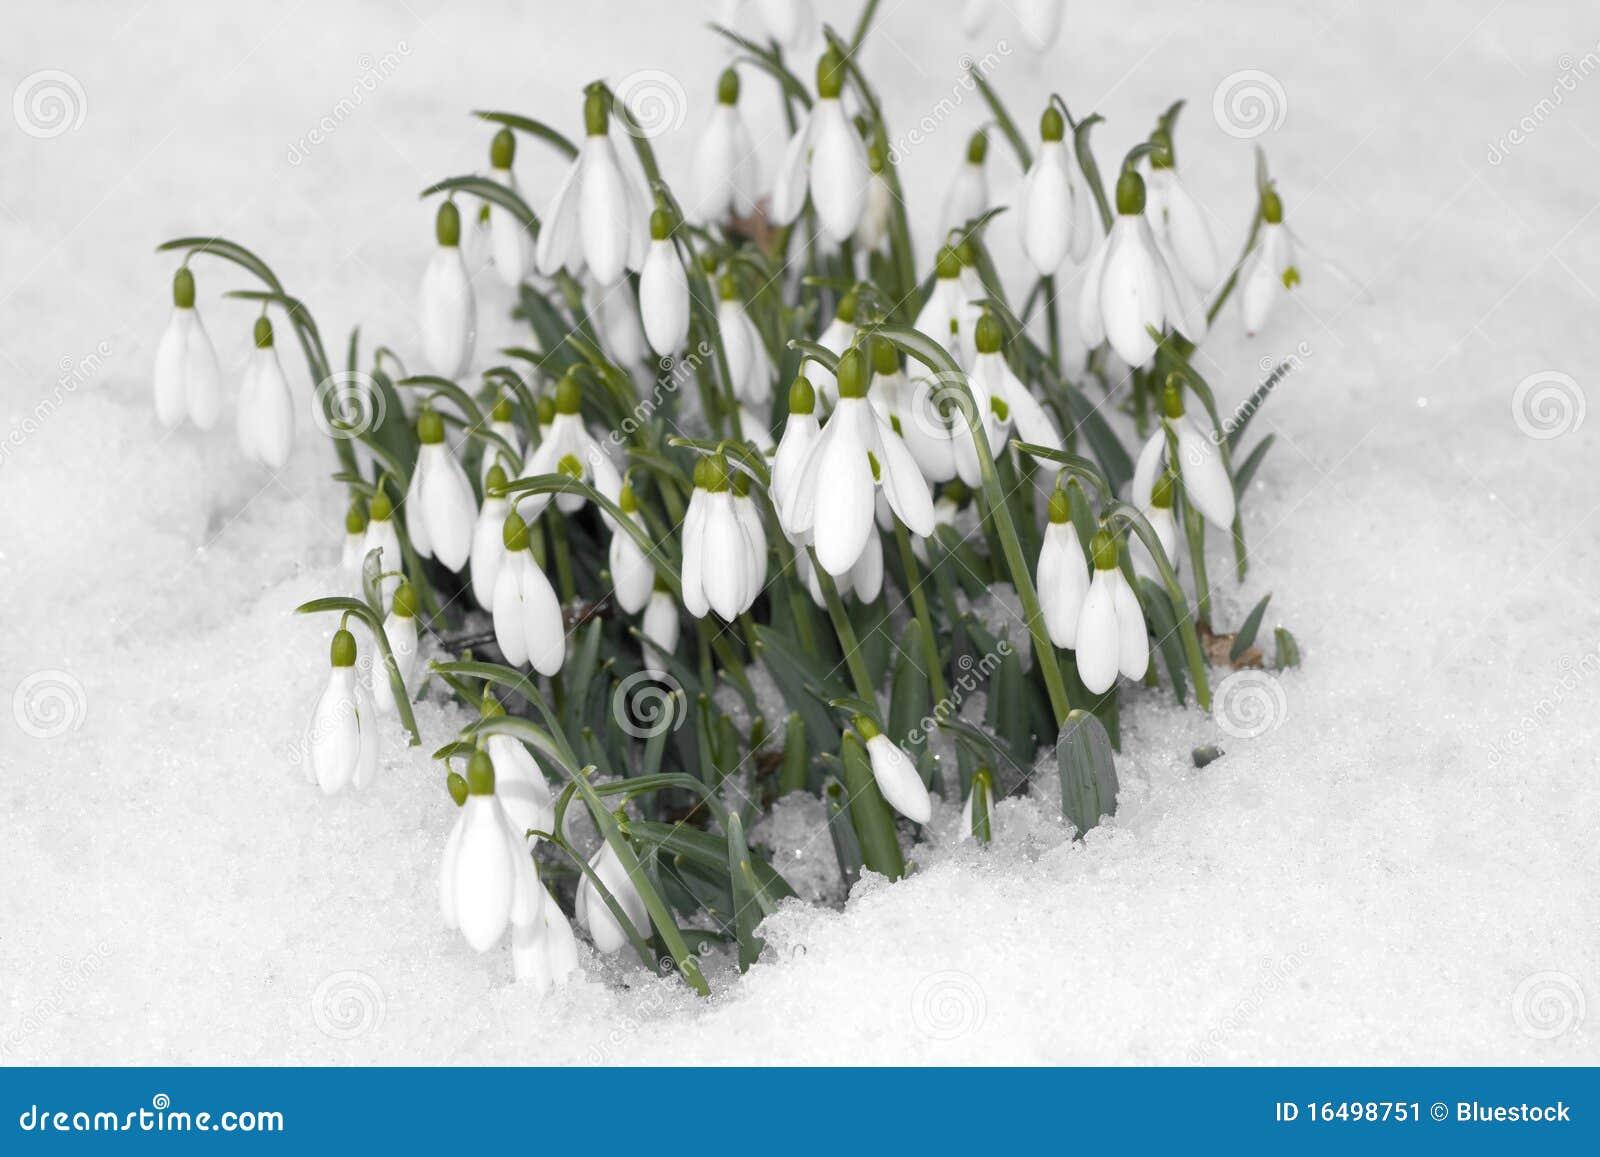 snowdrop blumen auf schnee stockbild bild von wei. Black Bedroom Furniture Sets. Home Design Ideas